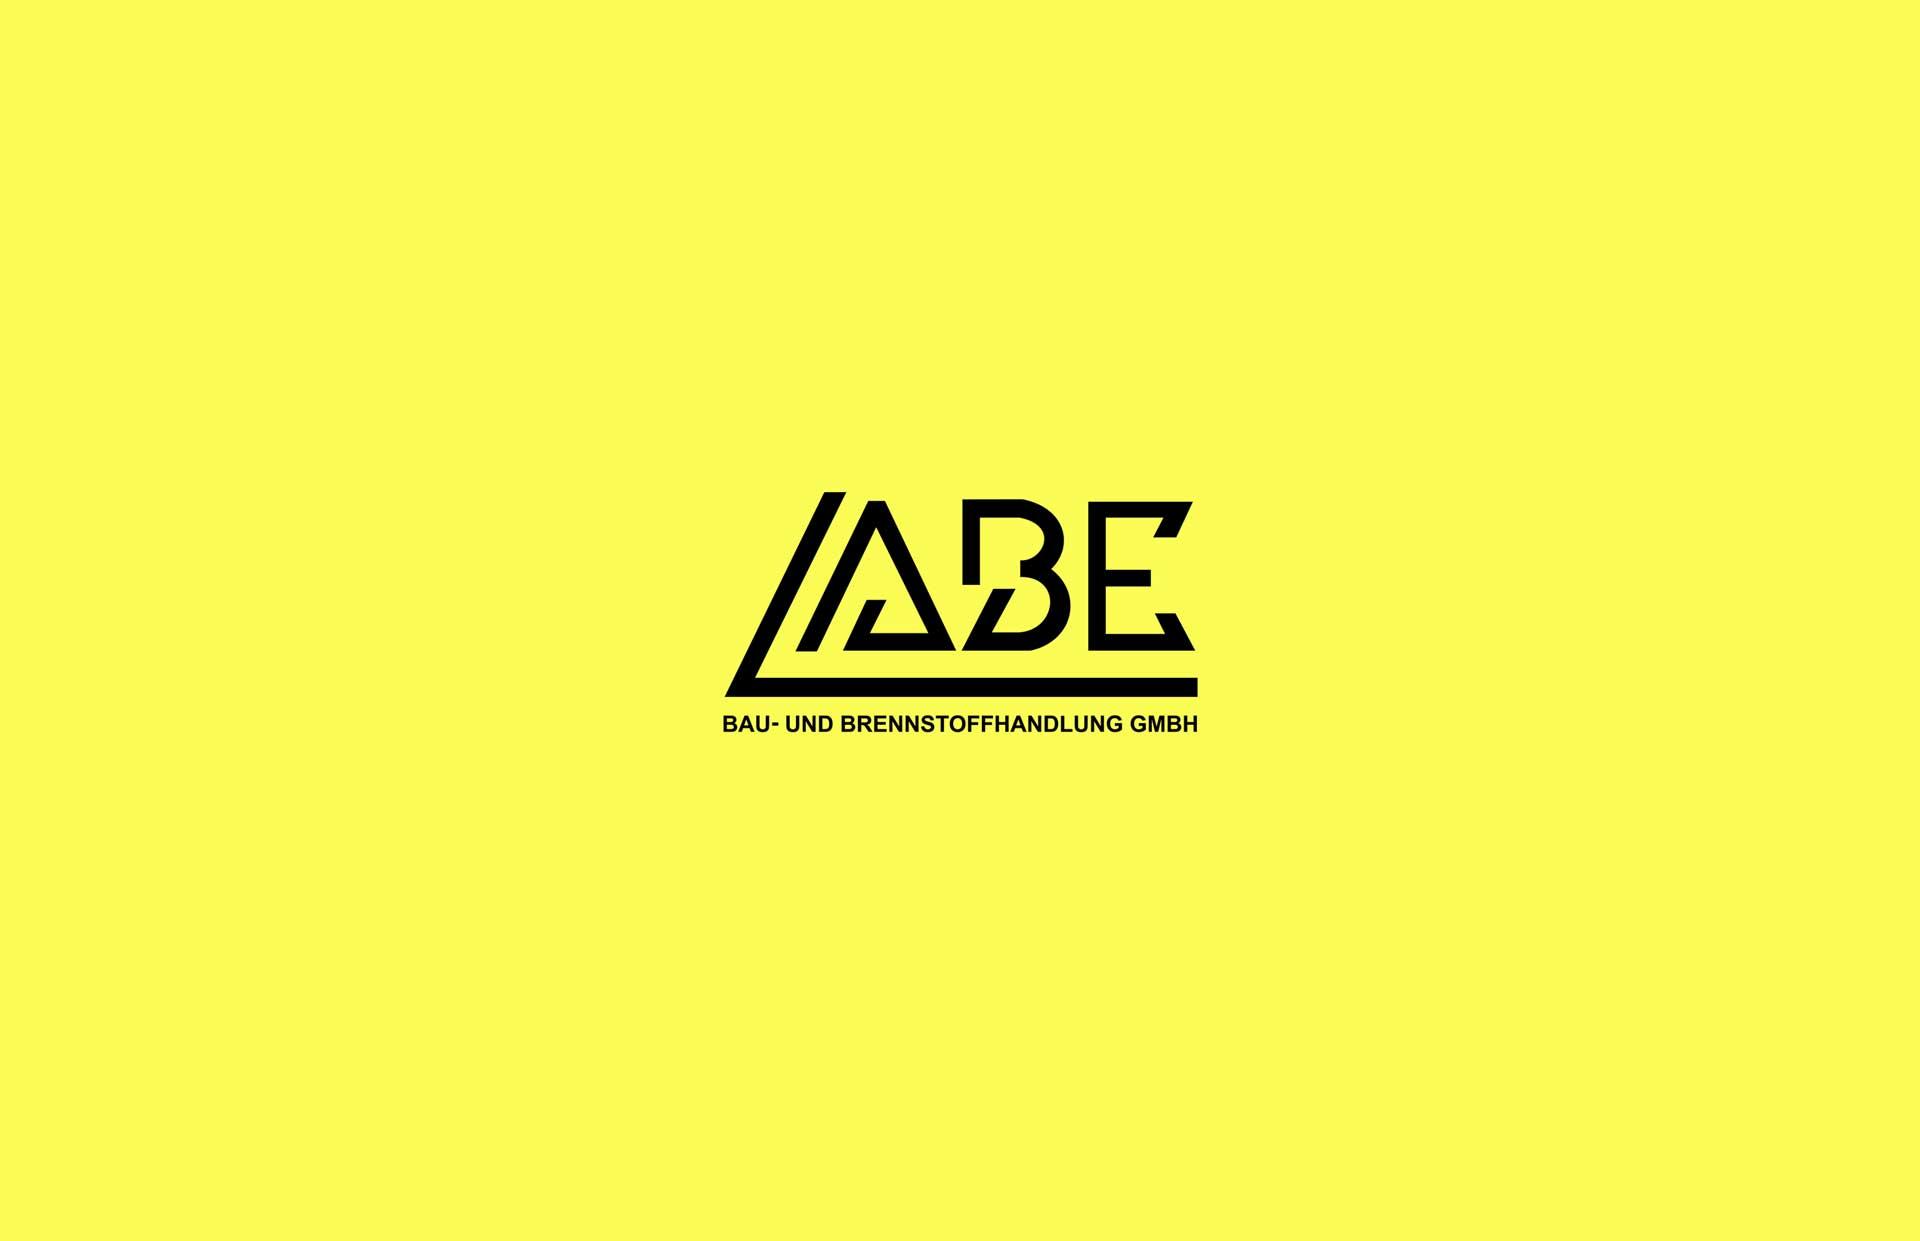 ABE - KSK Bau- und Brennstoffhandlung